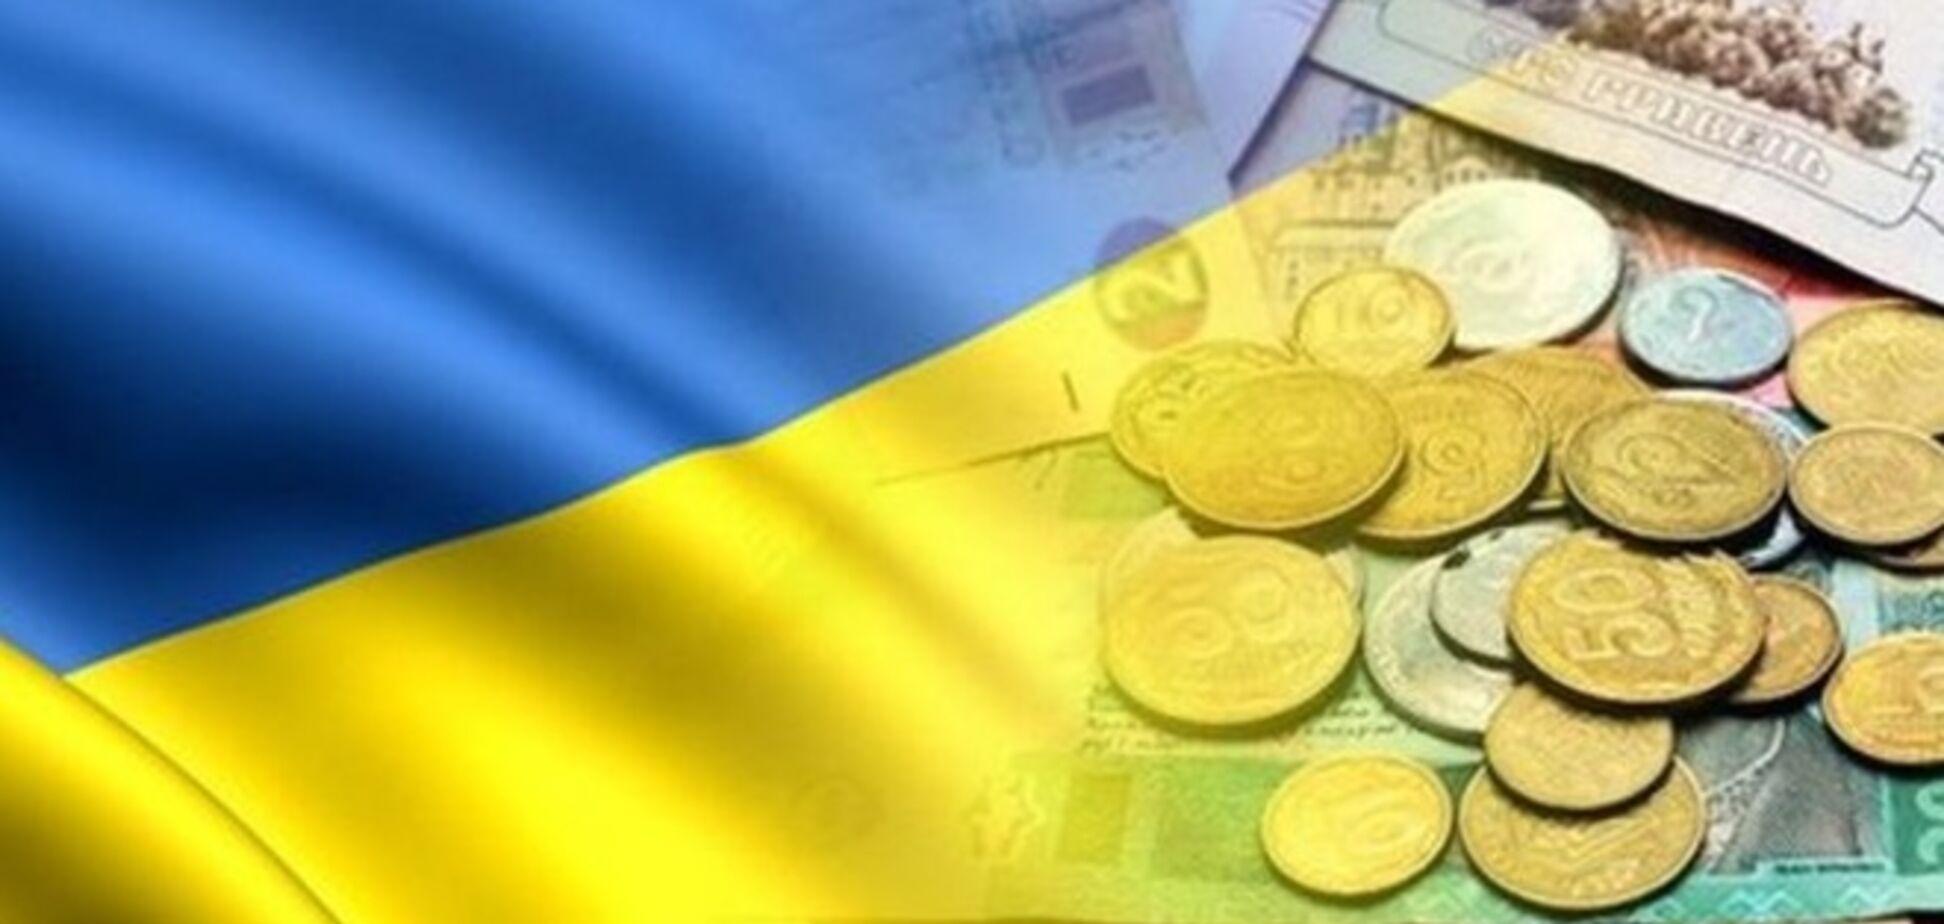 Налоговая реформа от Яценюка: к чему готовиться простым украинцам и бизнесу